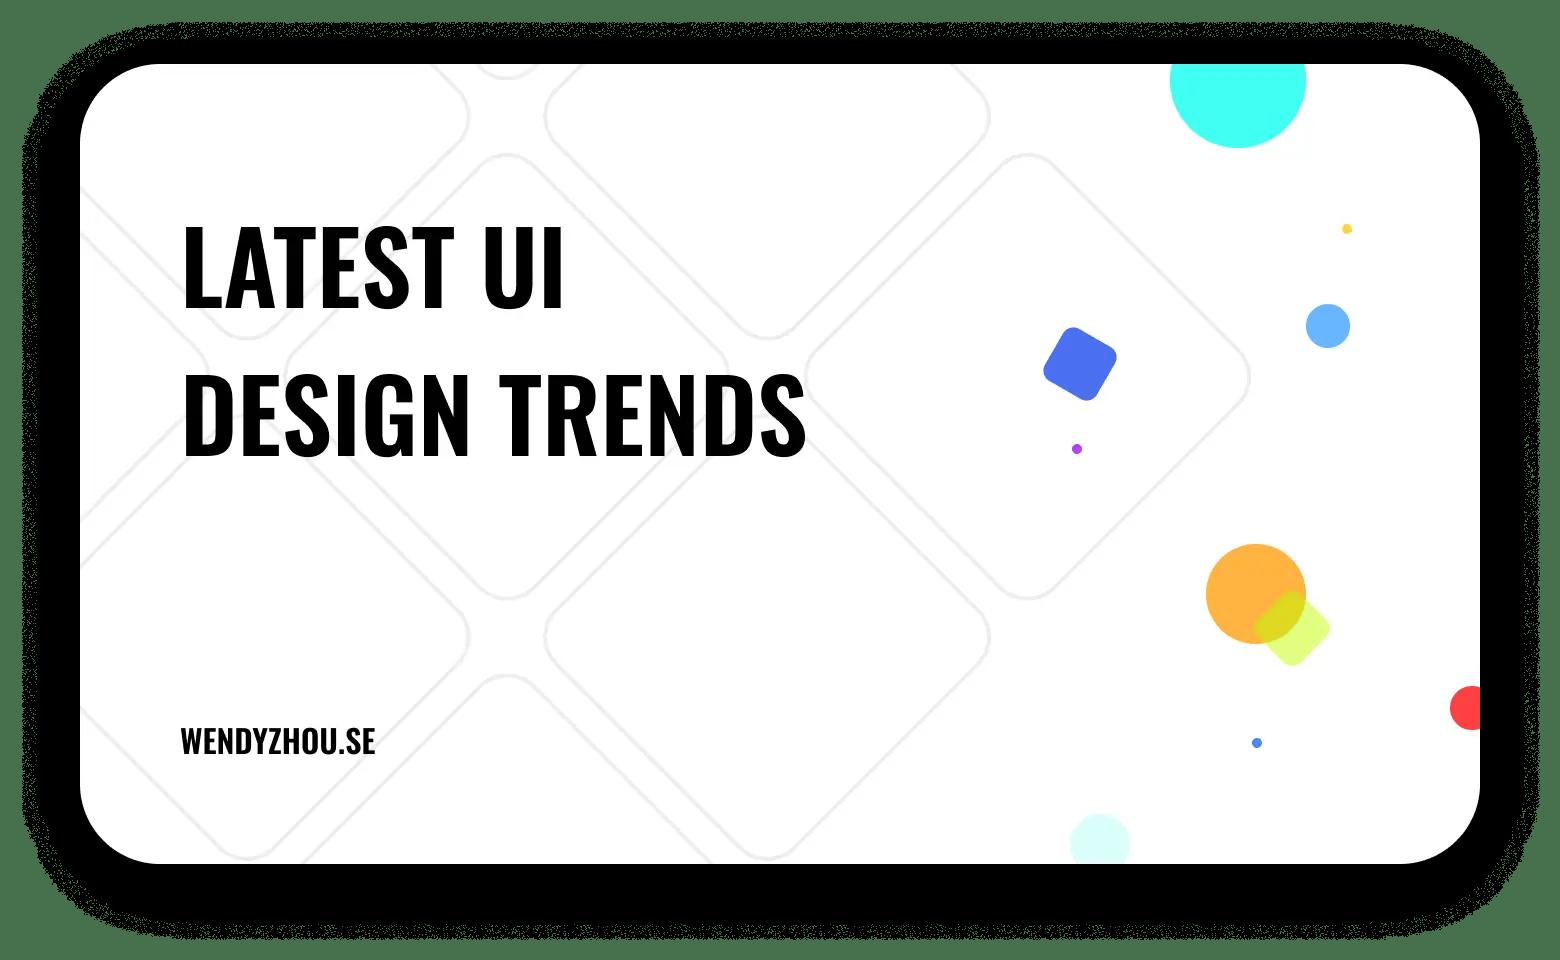 Current UI Design Trends